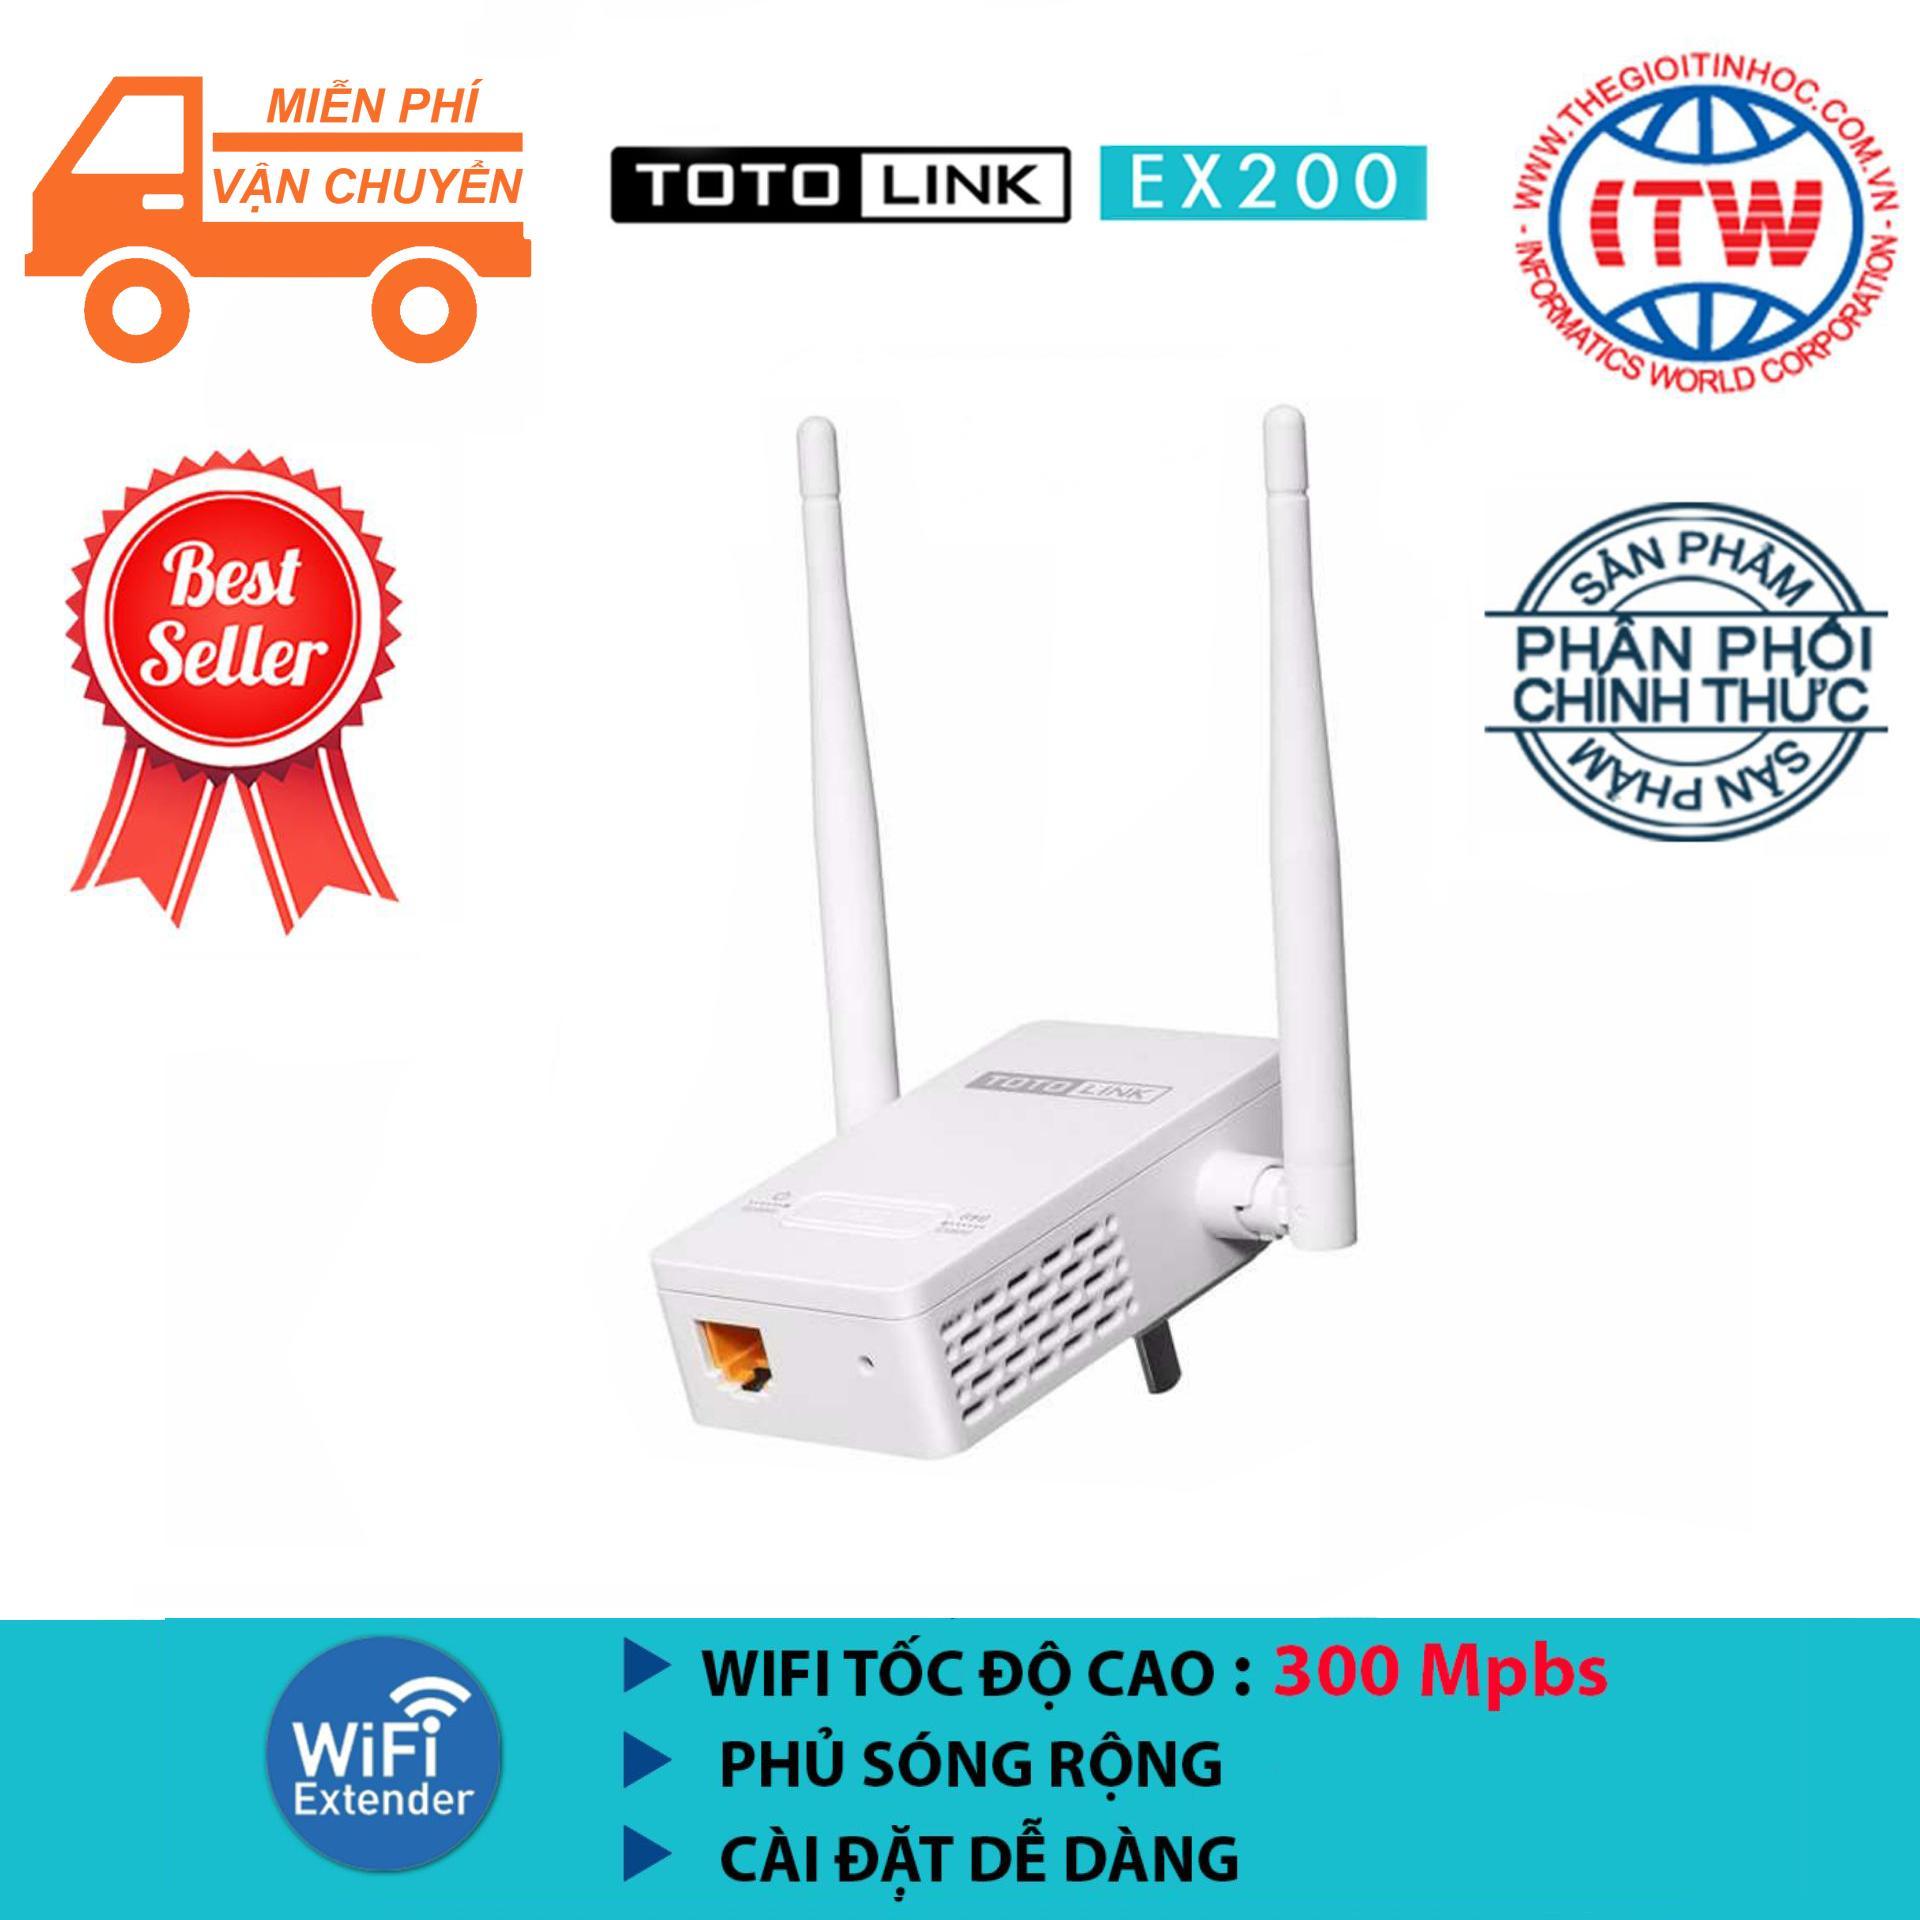 Hình ảnh Bộ kích sóng WiFi TOTOLINK EX200 (Trắng) - Hãng phân phối chính thức